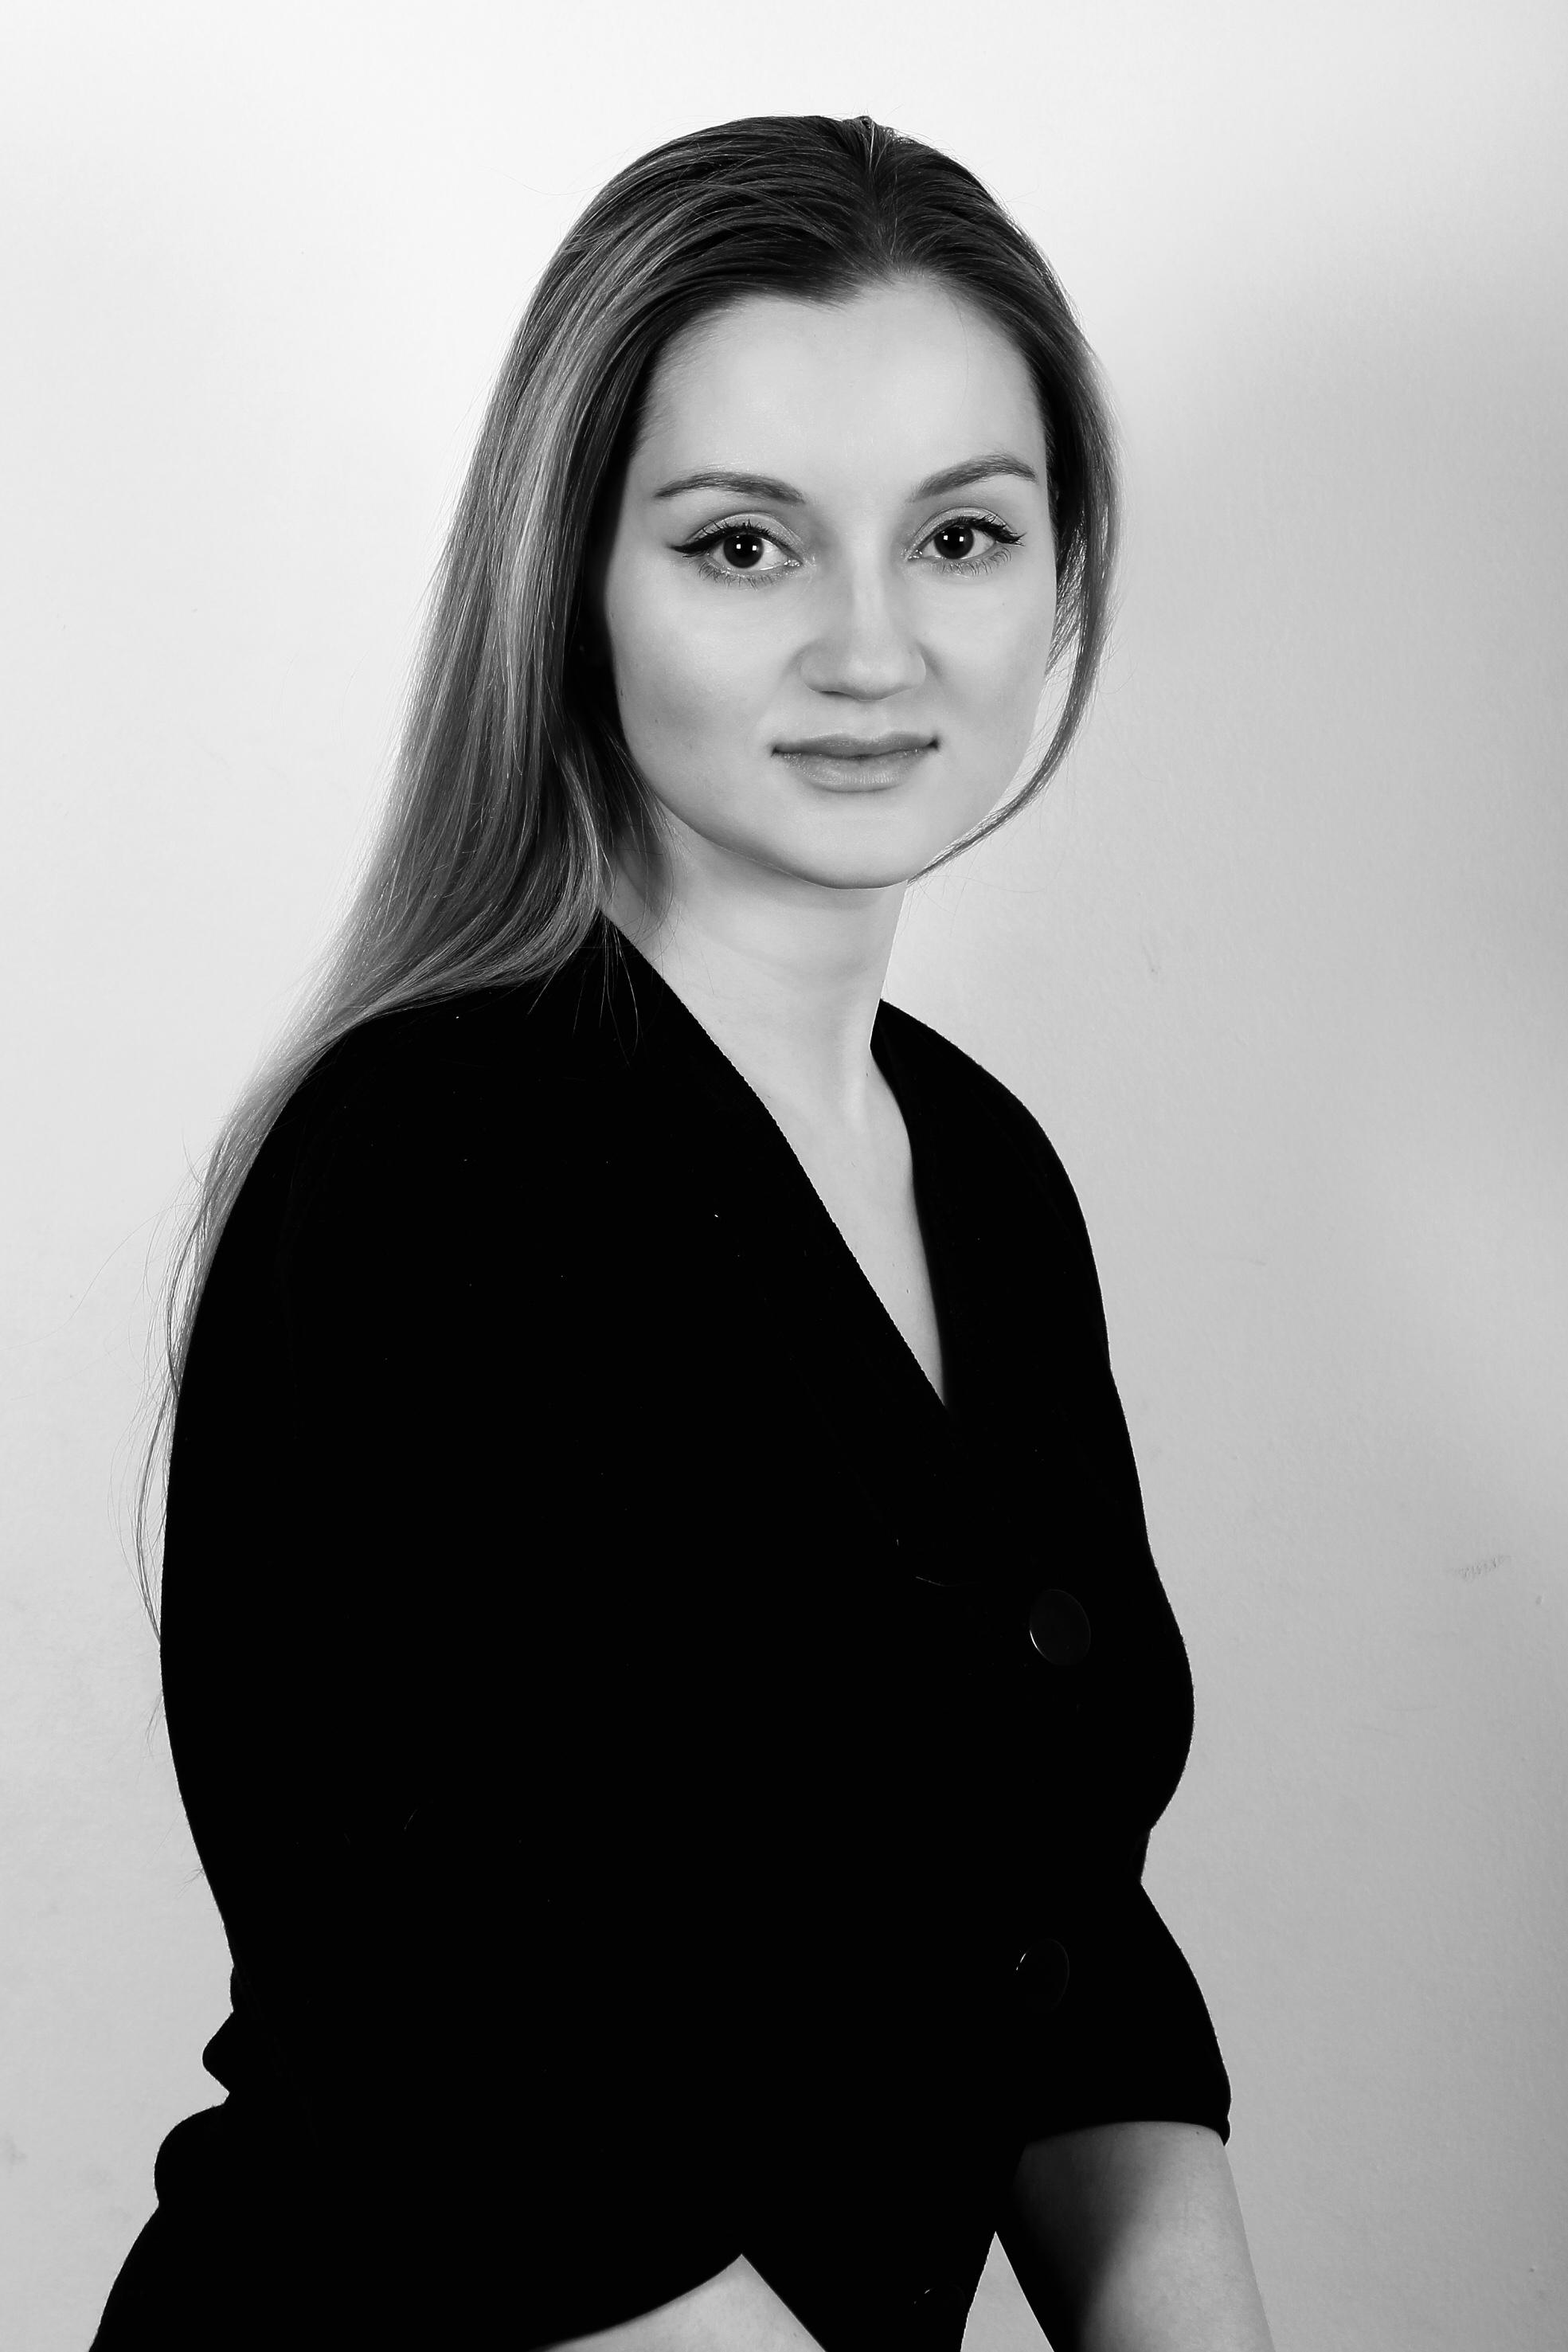 ВЕРХУШКА ПИРАМИДЫ: Ольга Узлова, тренер Jansen Capital Management, о том, как искусство работает на наш эмоциональный интеллект